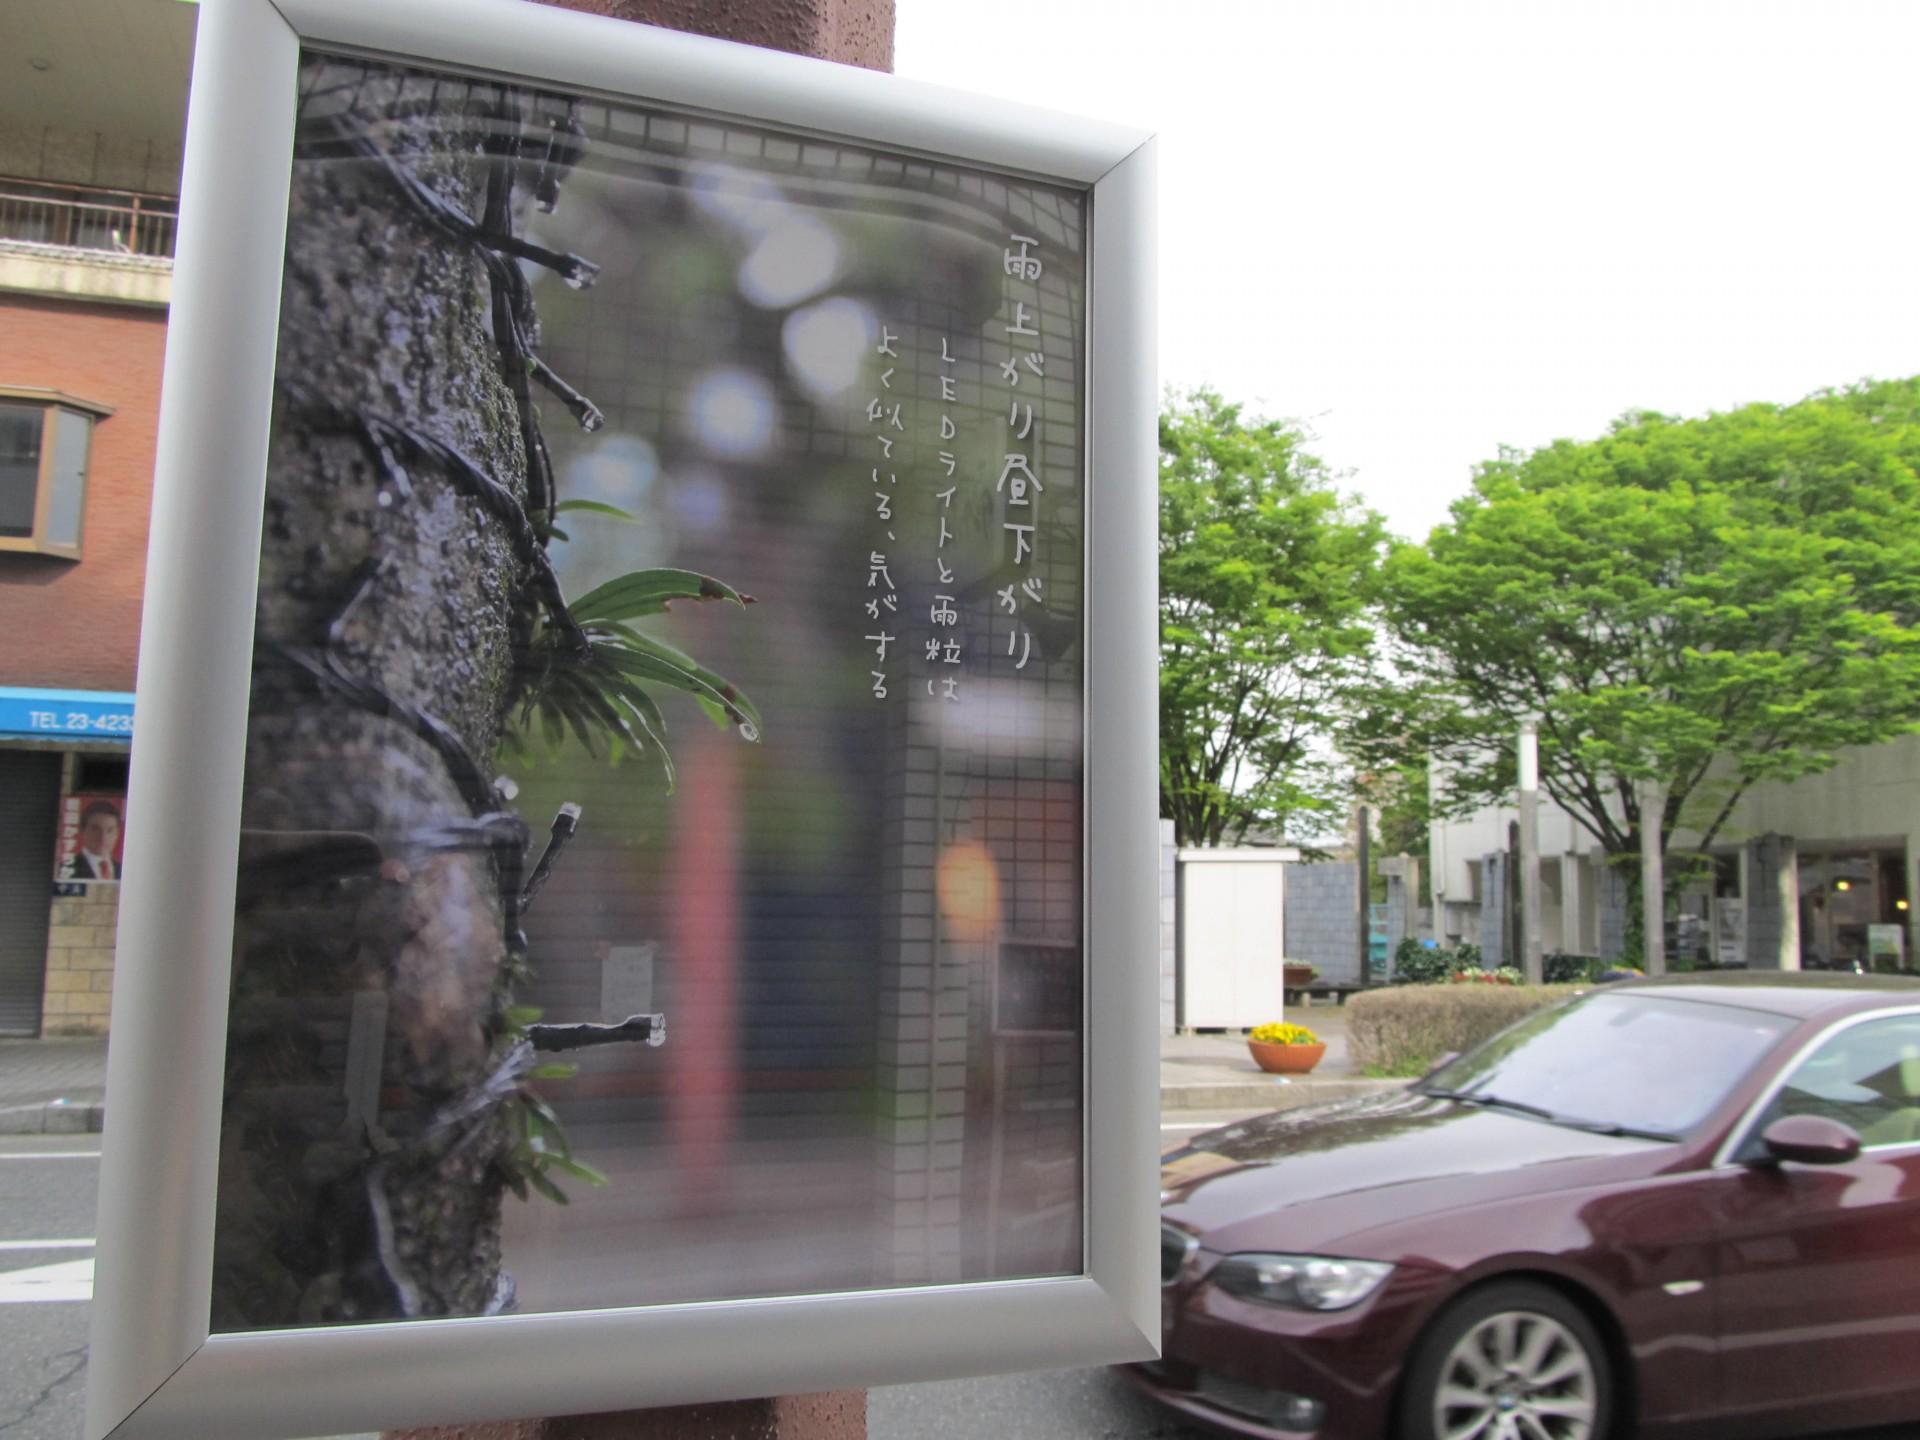 ▲昨年12月、街歩きと撮影会を兼ねたワークショップを開催。  市民の目線で撮影された写真がキャッチコピー付の作品に。